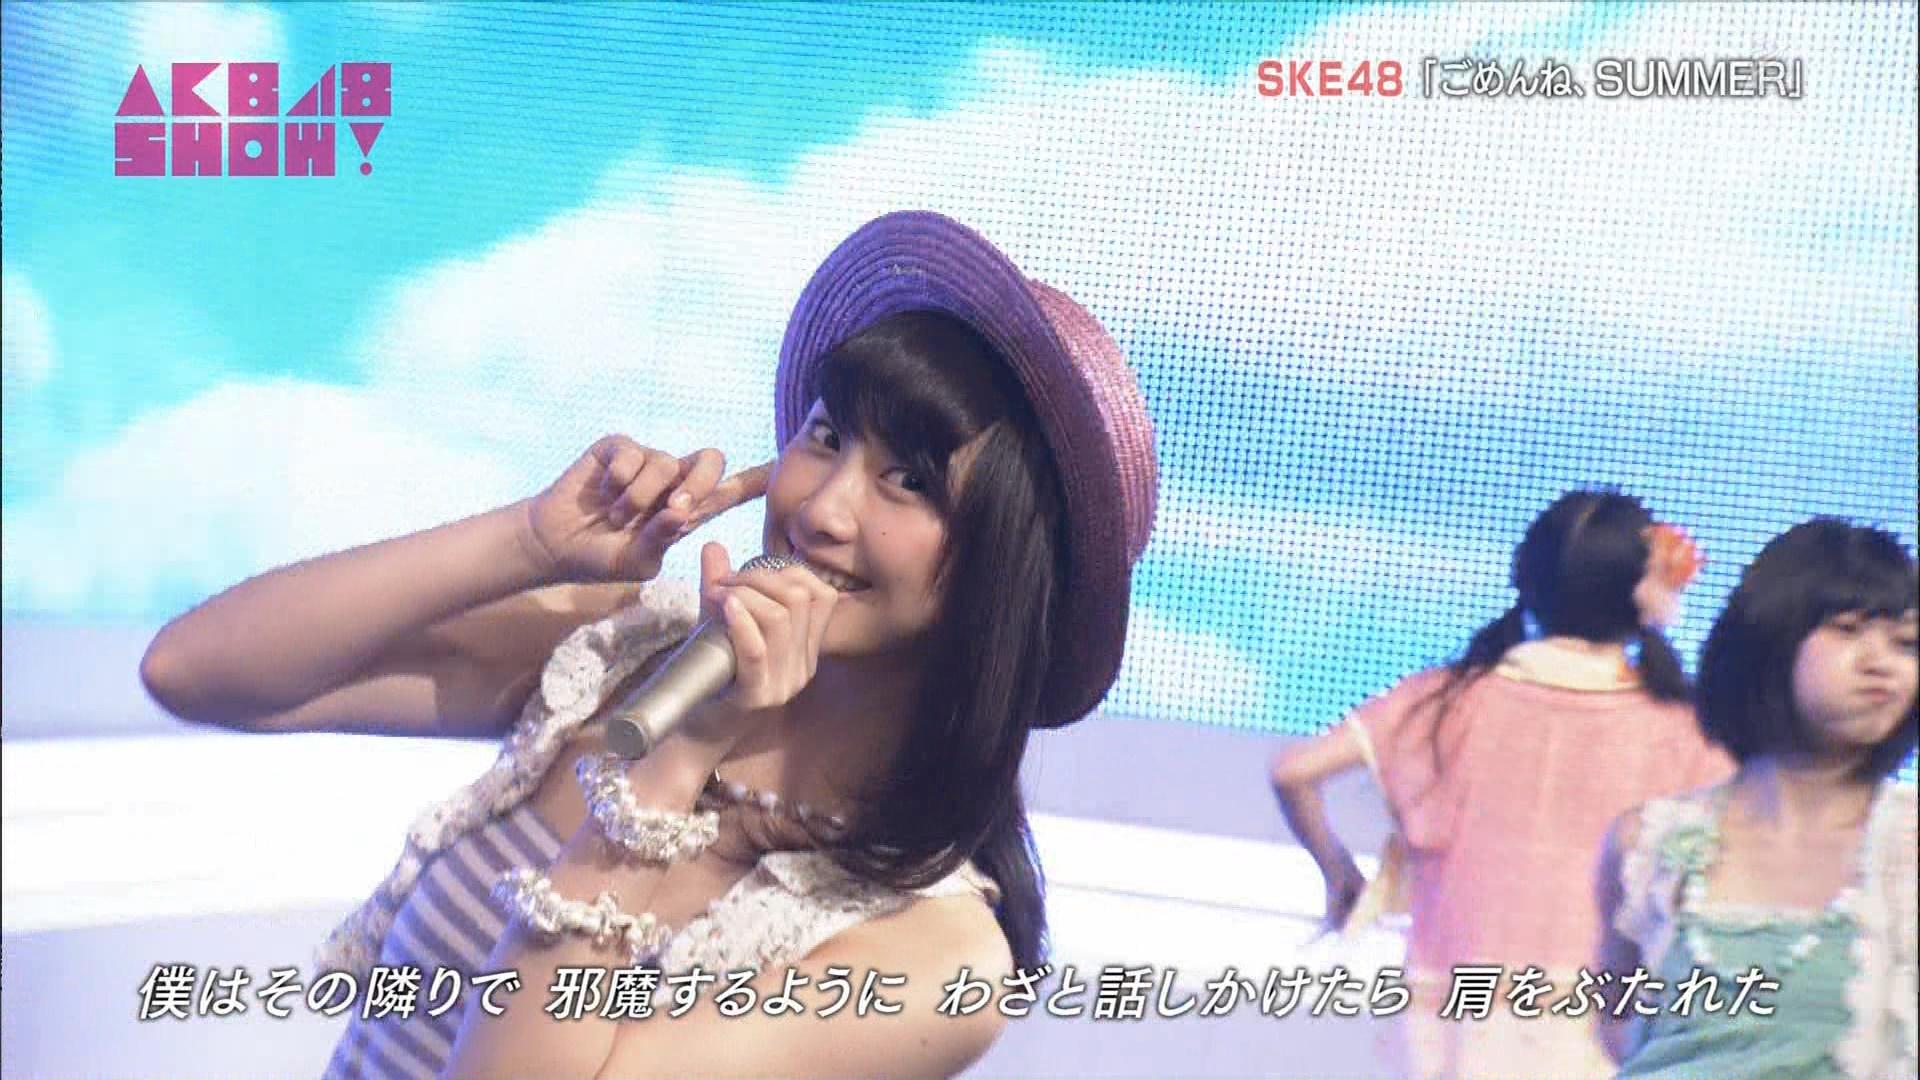 AKB48SHOW ごめんね、SUMMER 松井玲奈 20140830 (7)